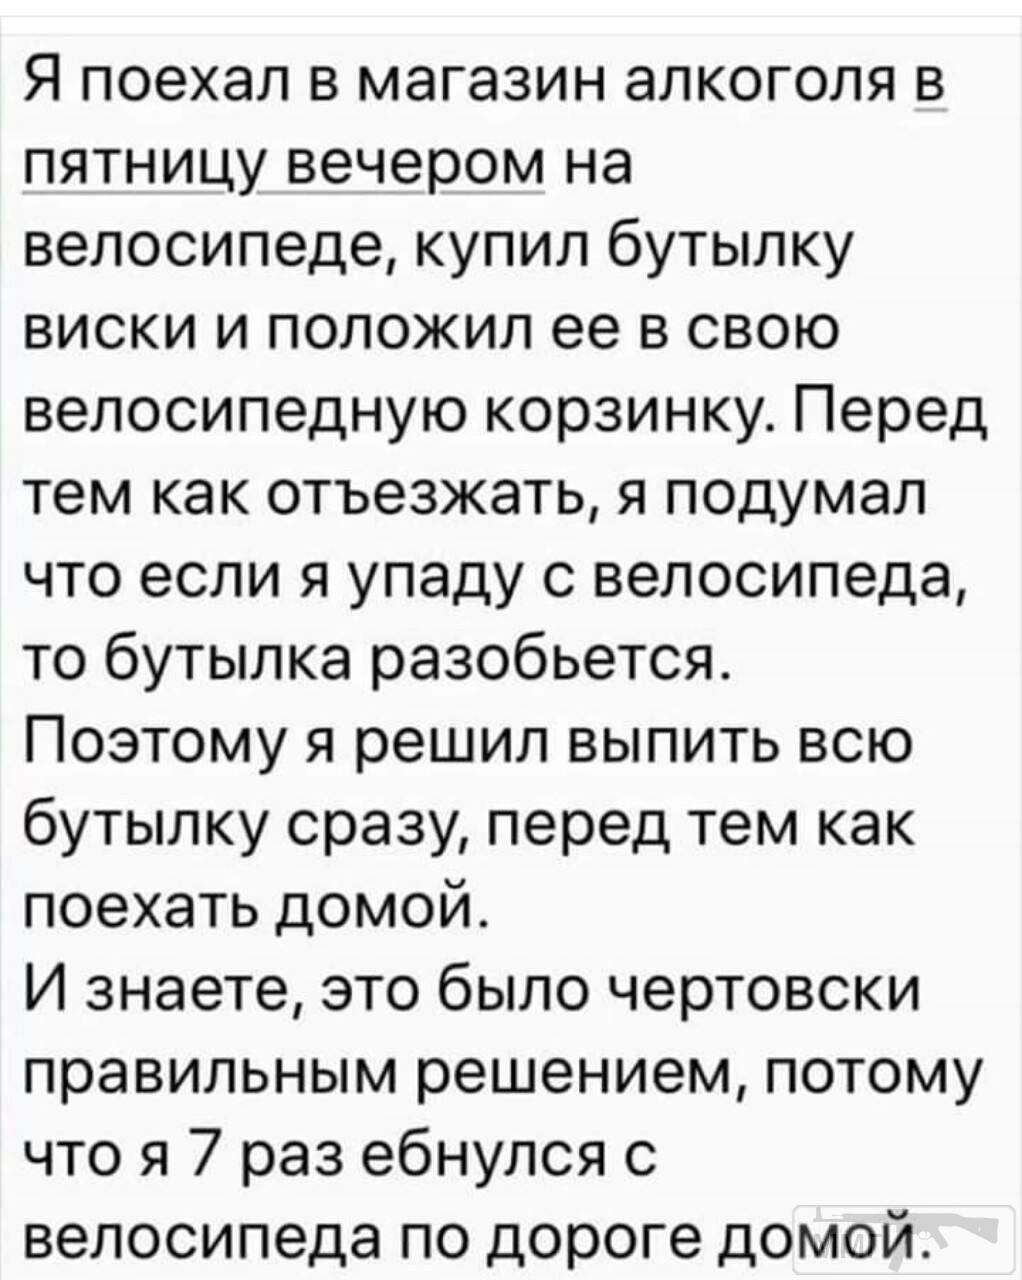 62602 - Пить или не пить? - пятничная алкогольная тема )))